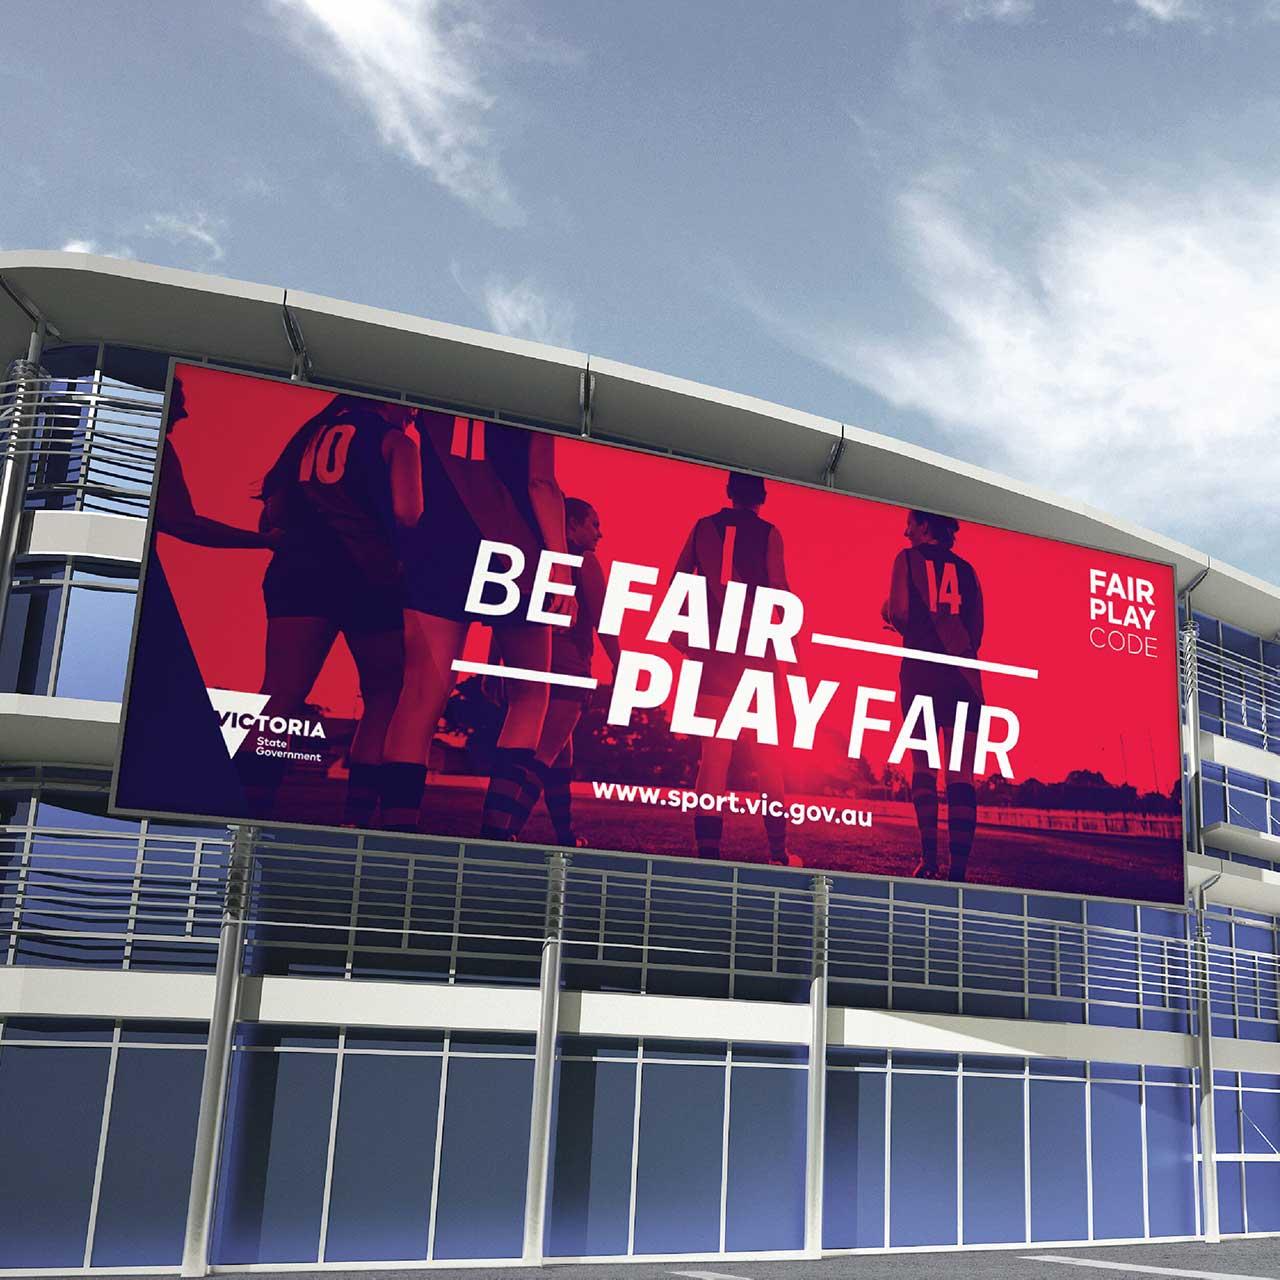 Be Fair, Play Fair